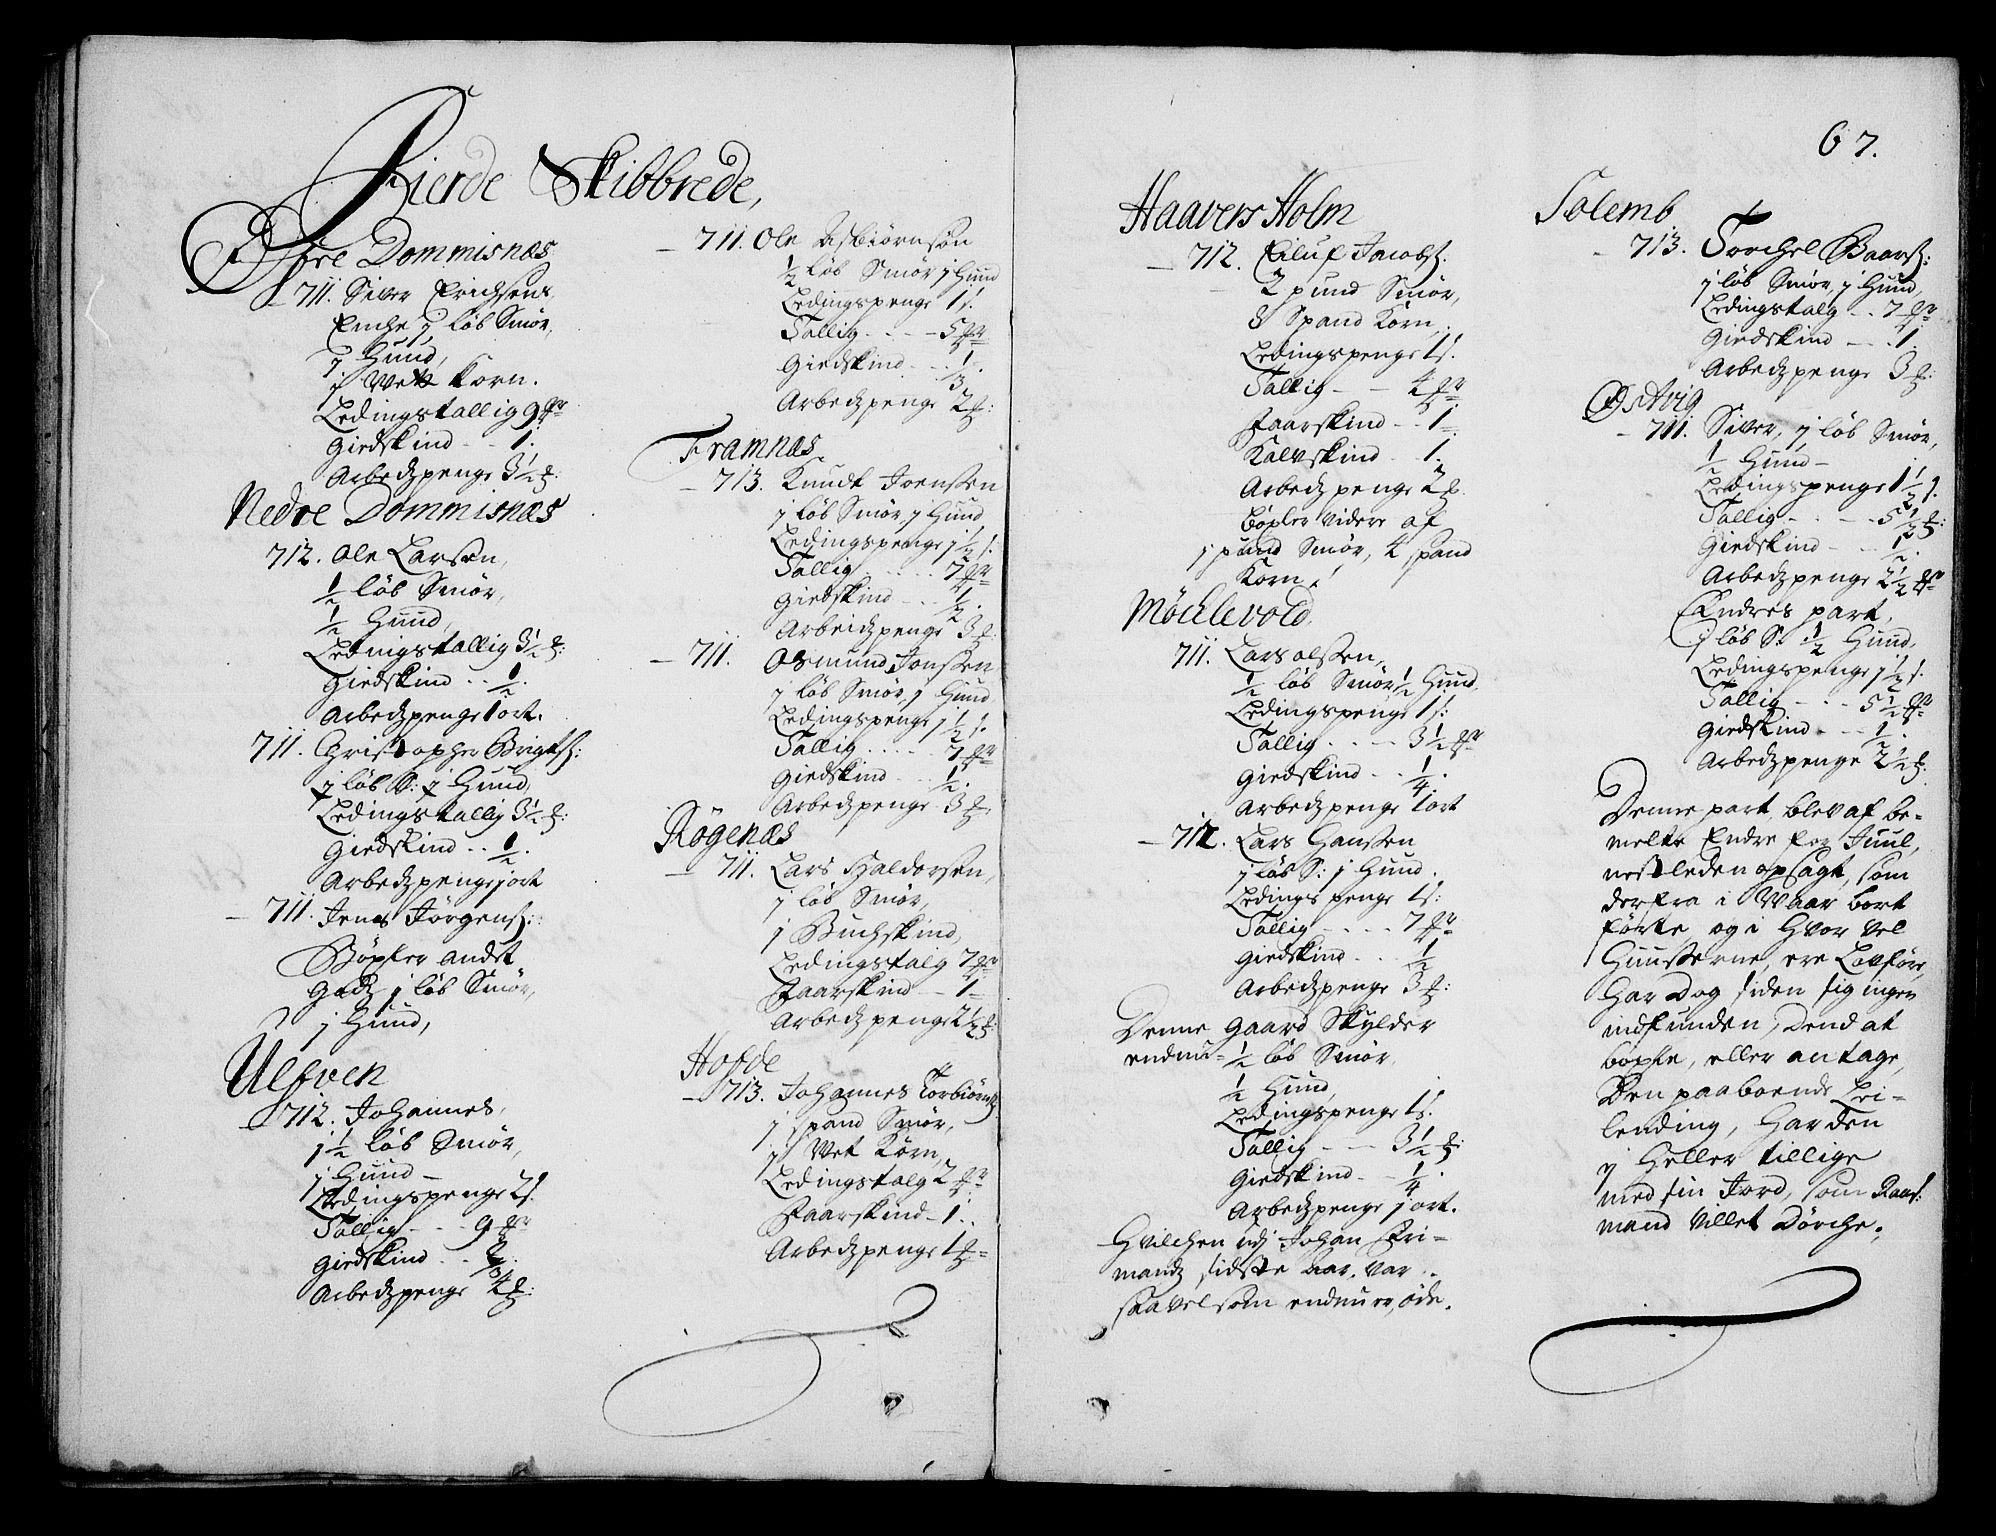 RA, Rentekammeret inntil 1814, Realistisk ordnet avdeling, On/L0003: [Jj 4]: Kommisjonsforretning over Vilhelm Hanssøns forpaktning av Halsnøy klosters gods, 1712-1722, s. 66b-67a